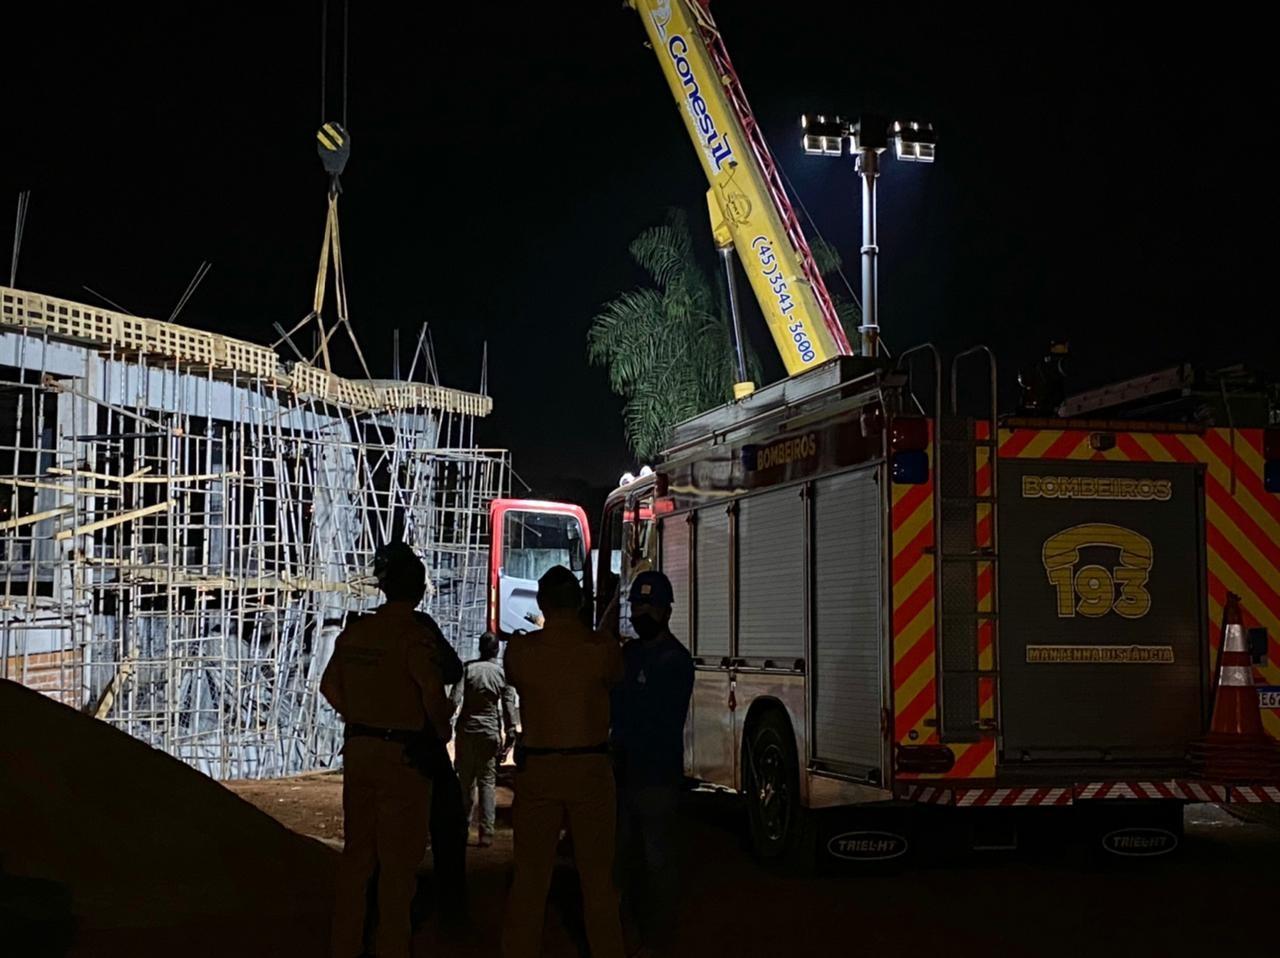 Bombeiros confirmam morte de duas pessoas em desabamento de laje, em Foz do Iguaçu; buscas continuam